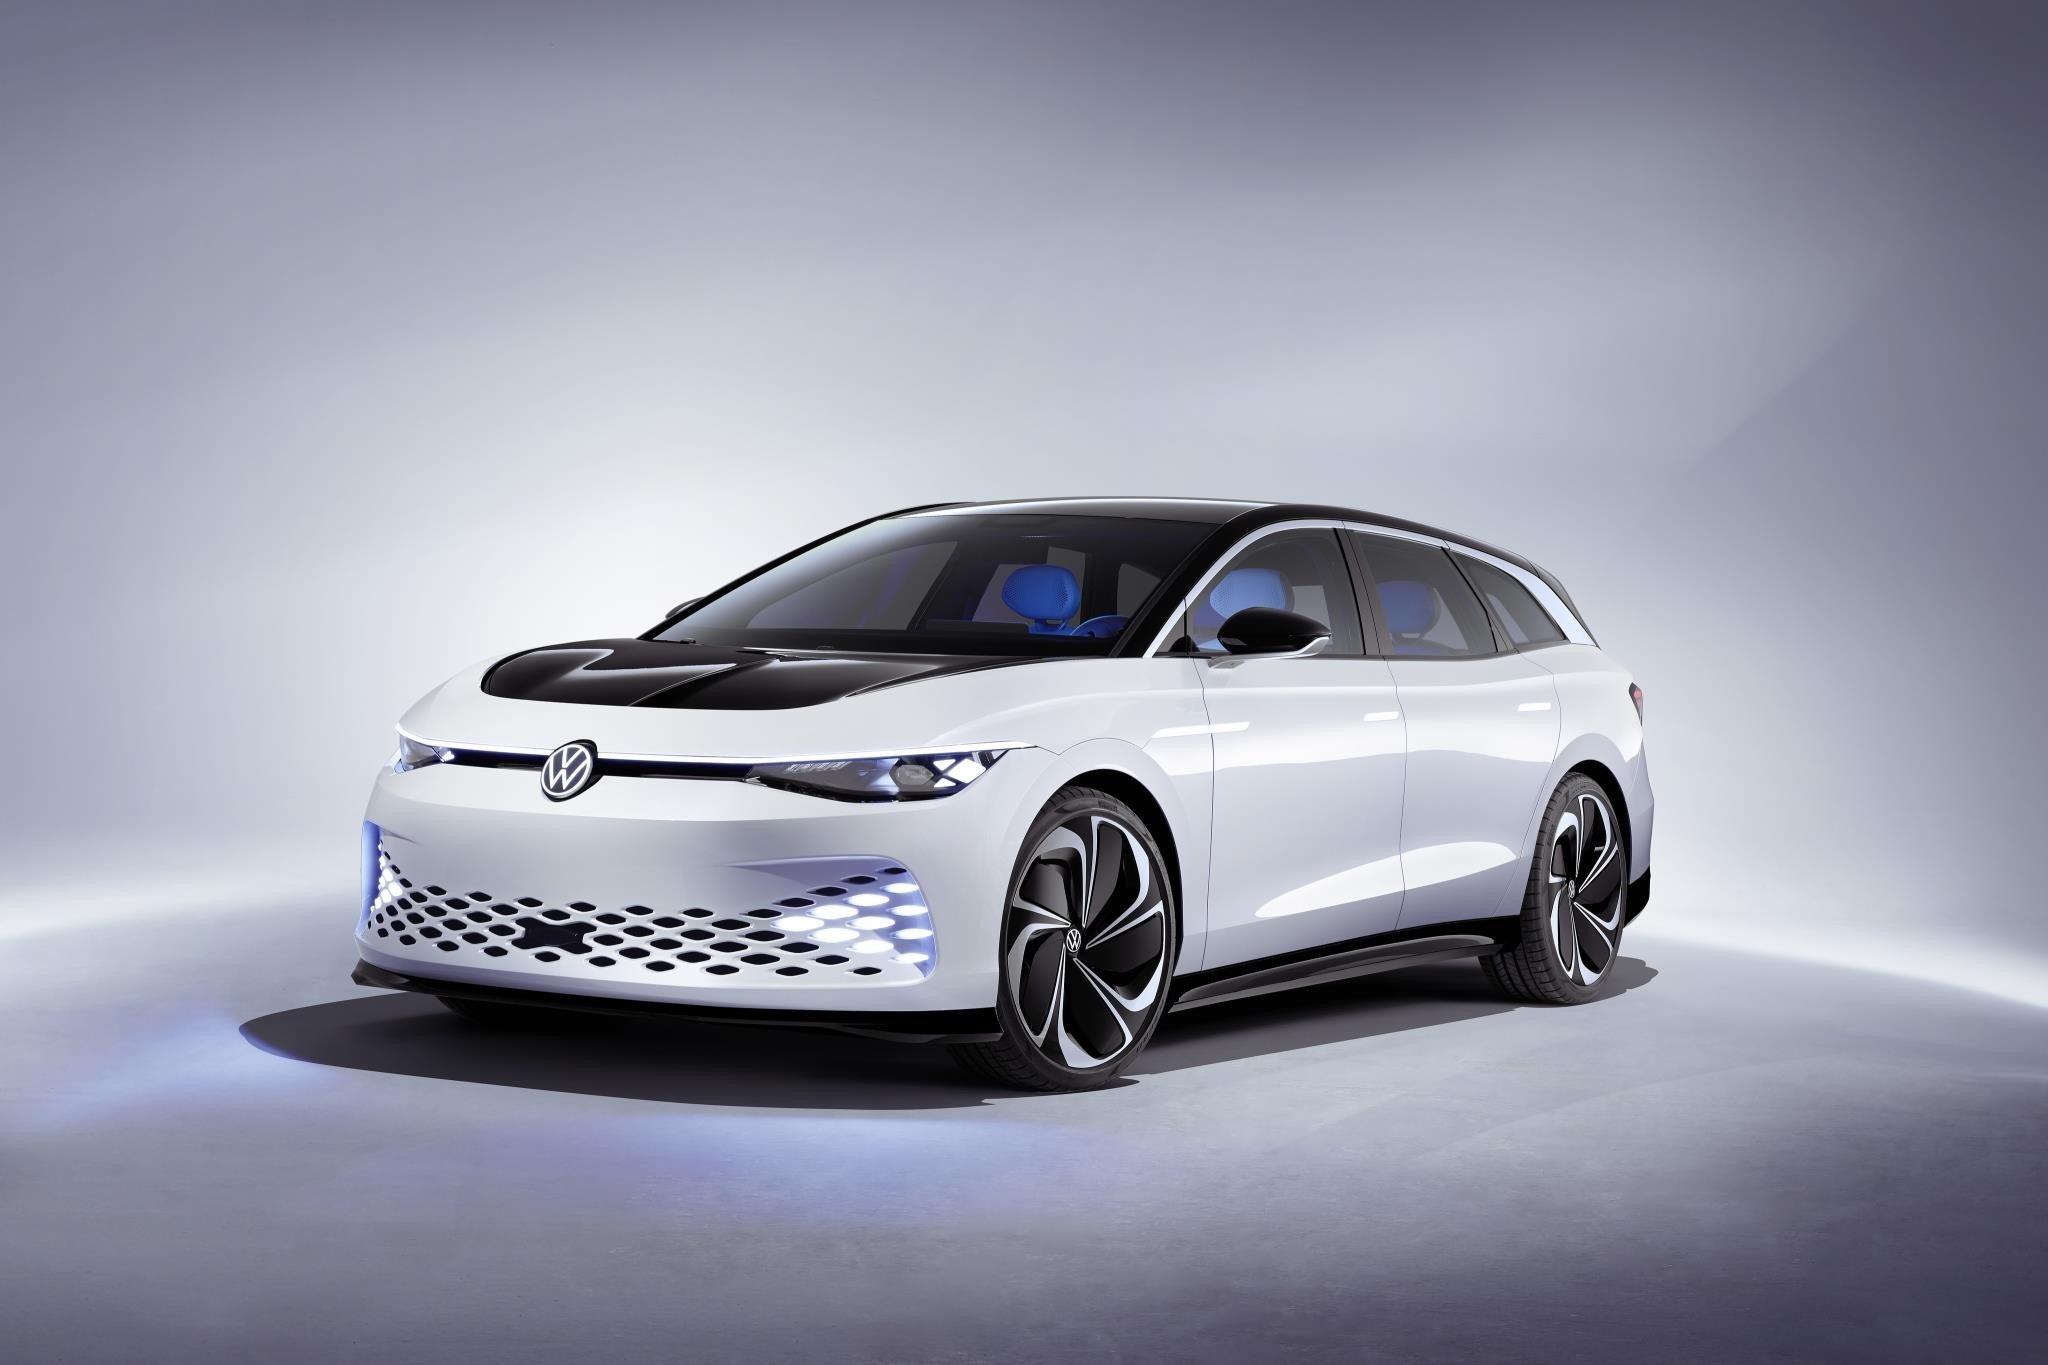 Volkswagen Space Vizzion